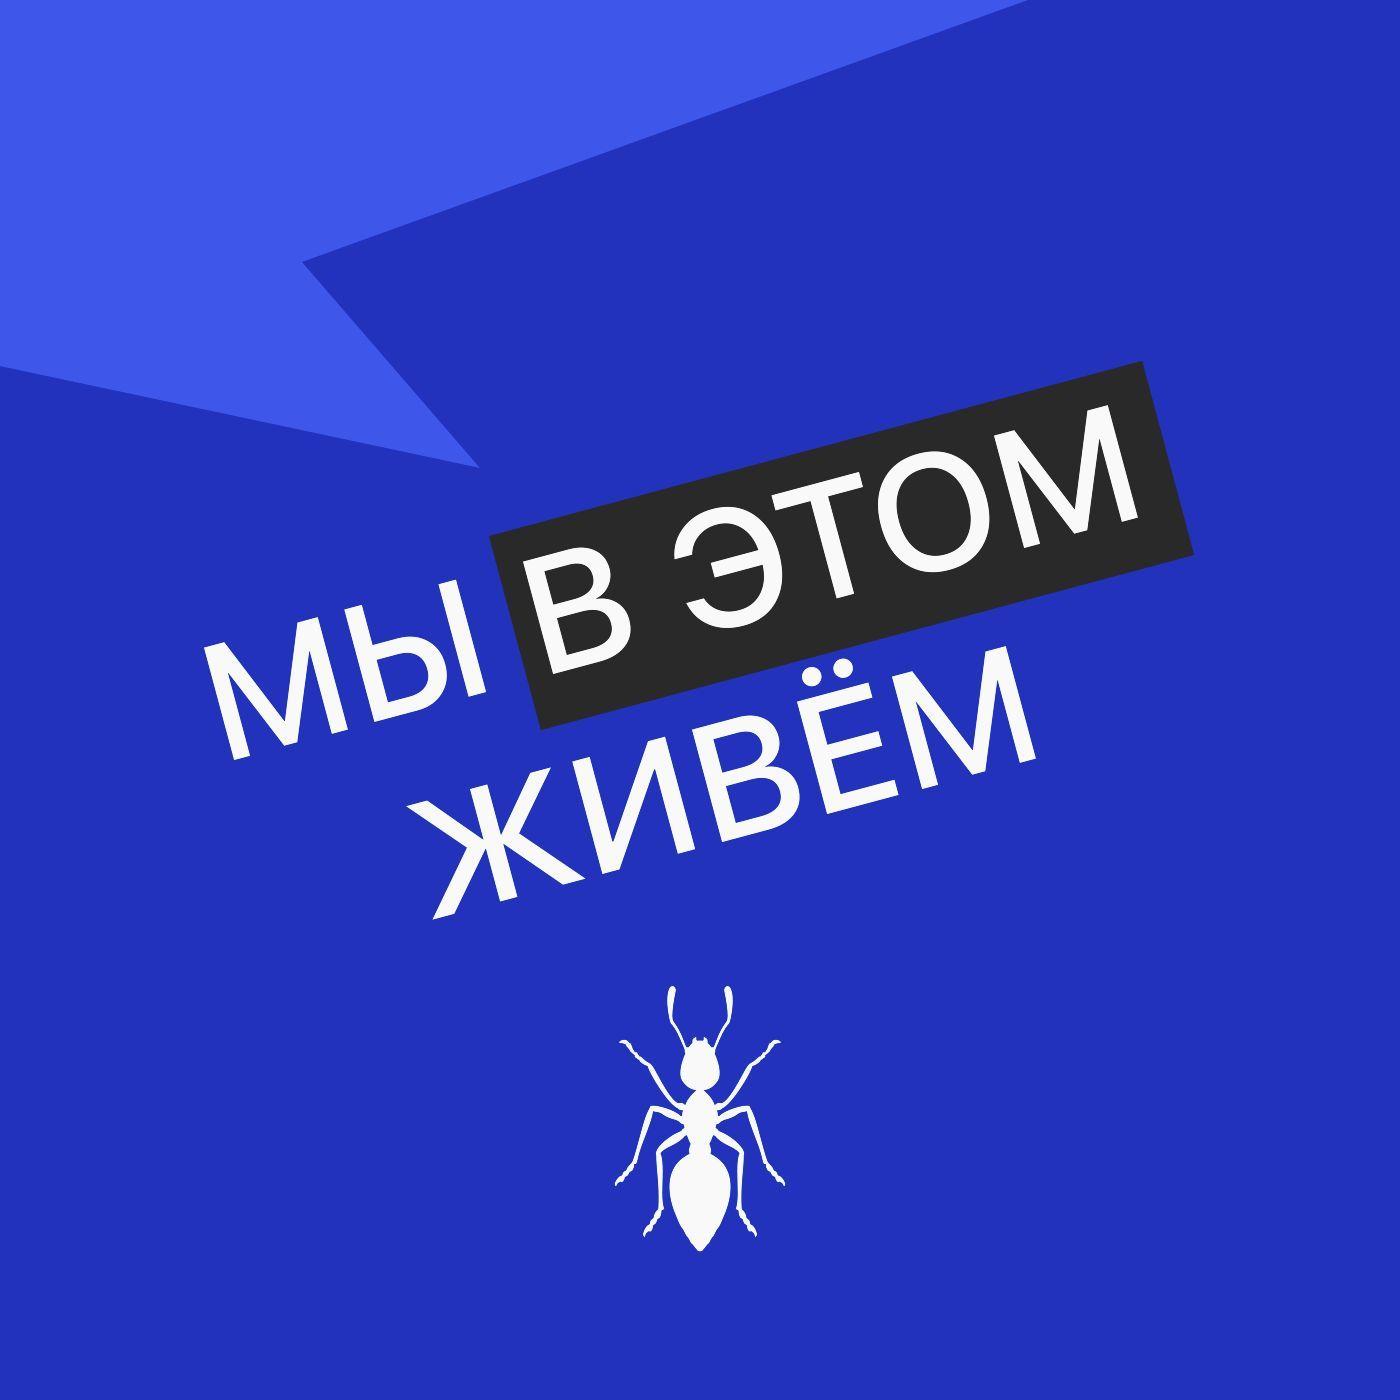 Творческий коллектив Mojomedia Выпуск № 19 сезон 3 Гусеничный стендап